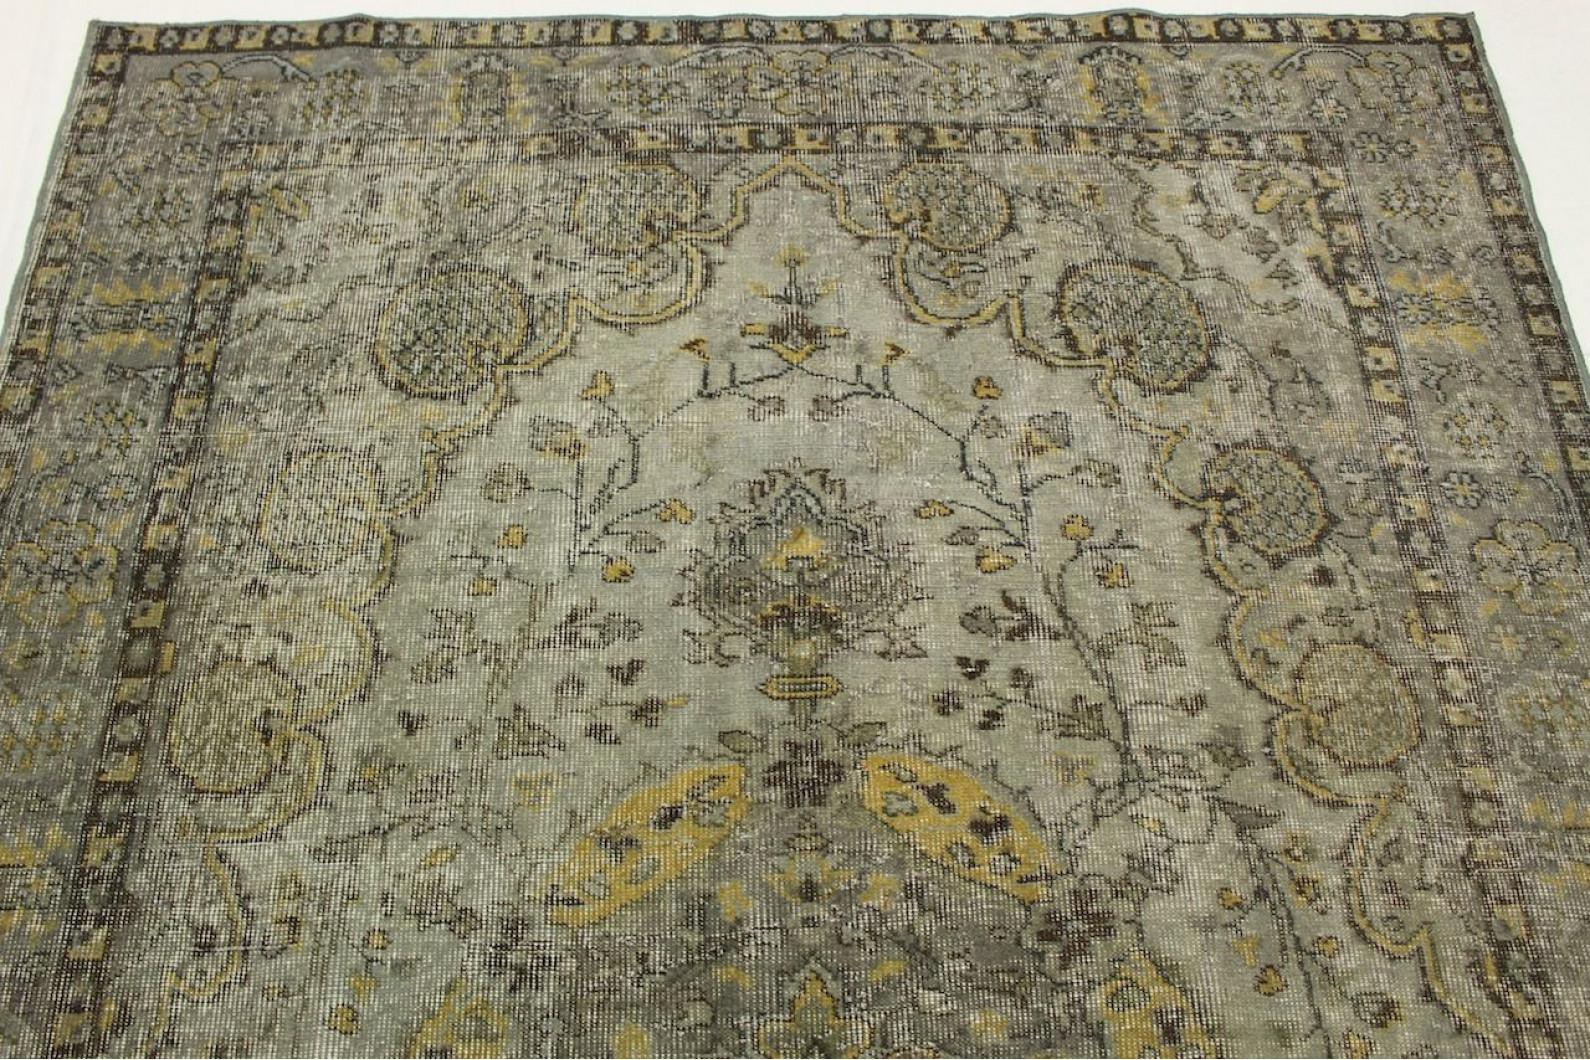 Vintage Teppich Grau In 270x170cm 1011 2900 Bei Carpetido De Kaufen